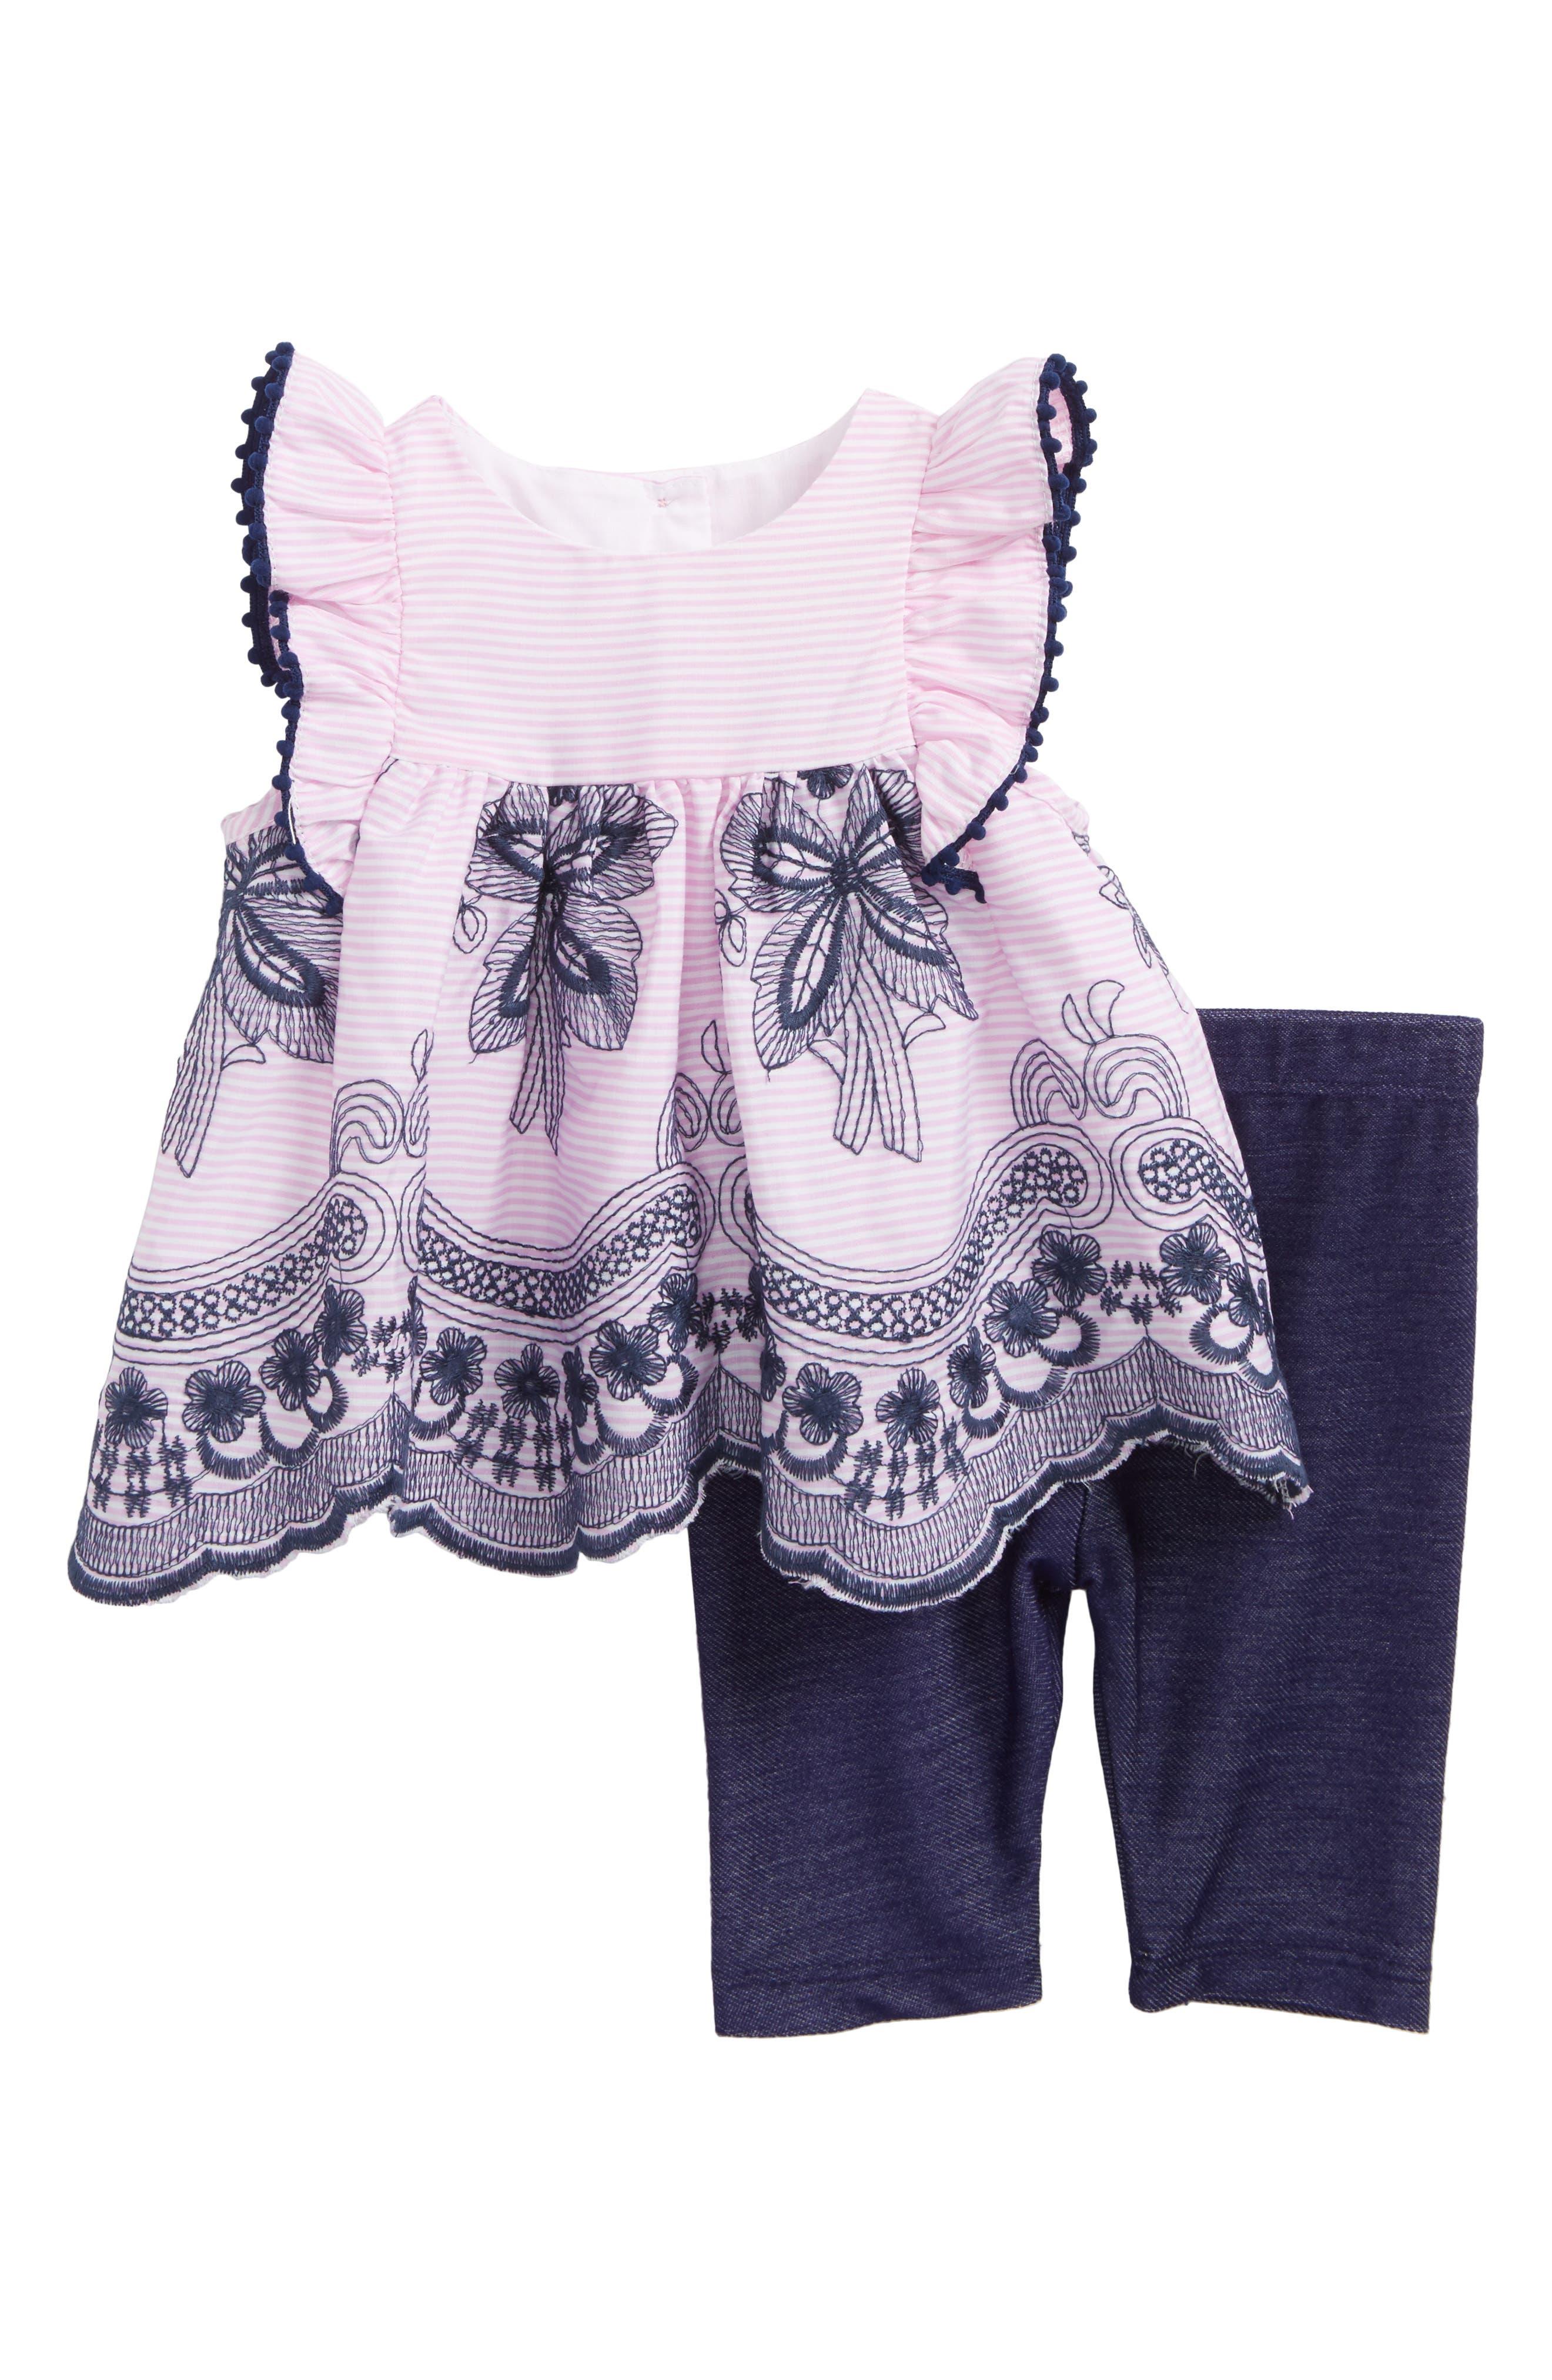 Alternate Image 1 Selected - Pippa & Julie Flutter Sleeve Dress & Leggings (Baby Girls)